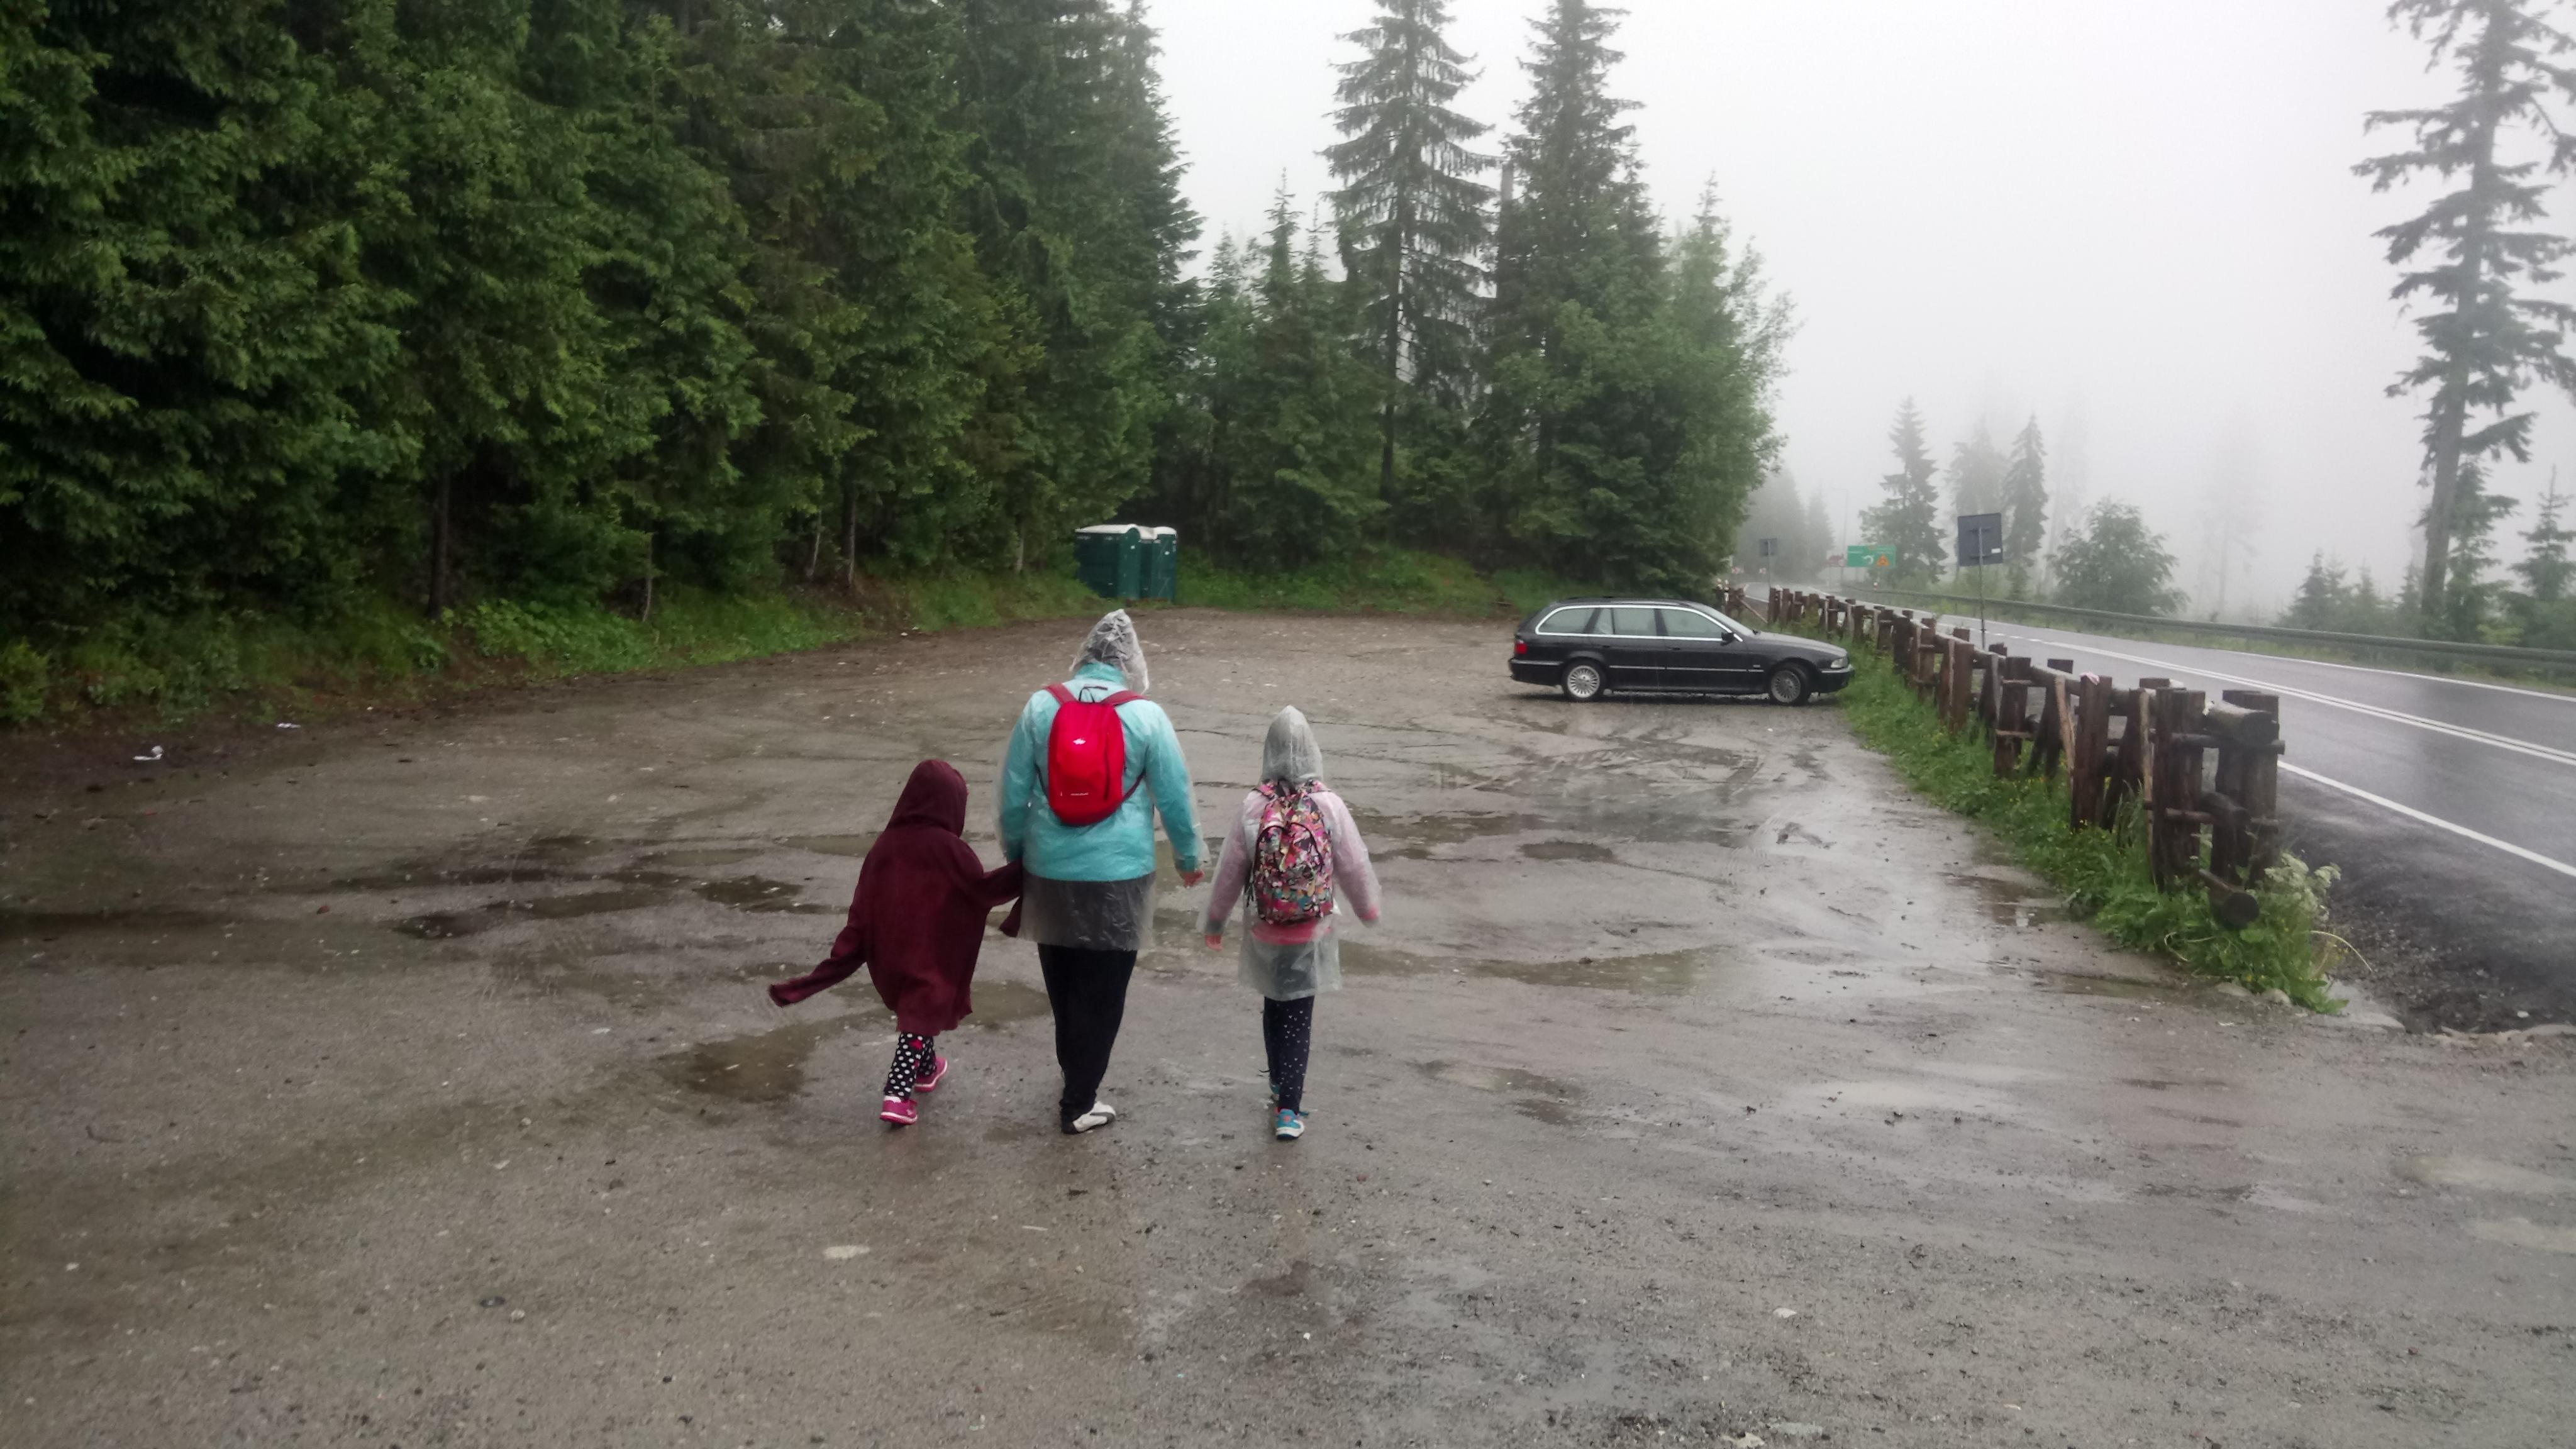 Powrót do samochodu po zejściu ze szlaku w deszczowy dzień